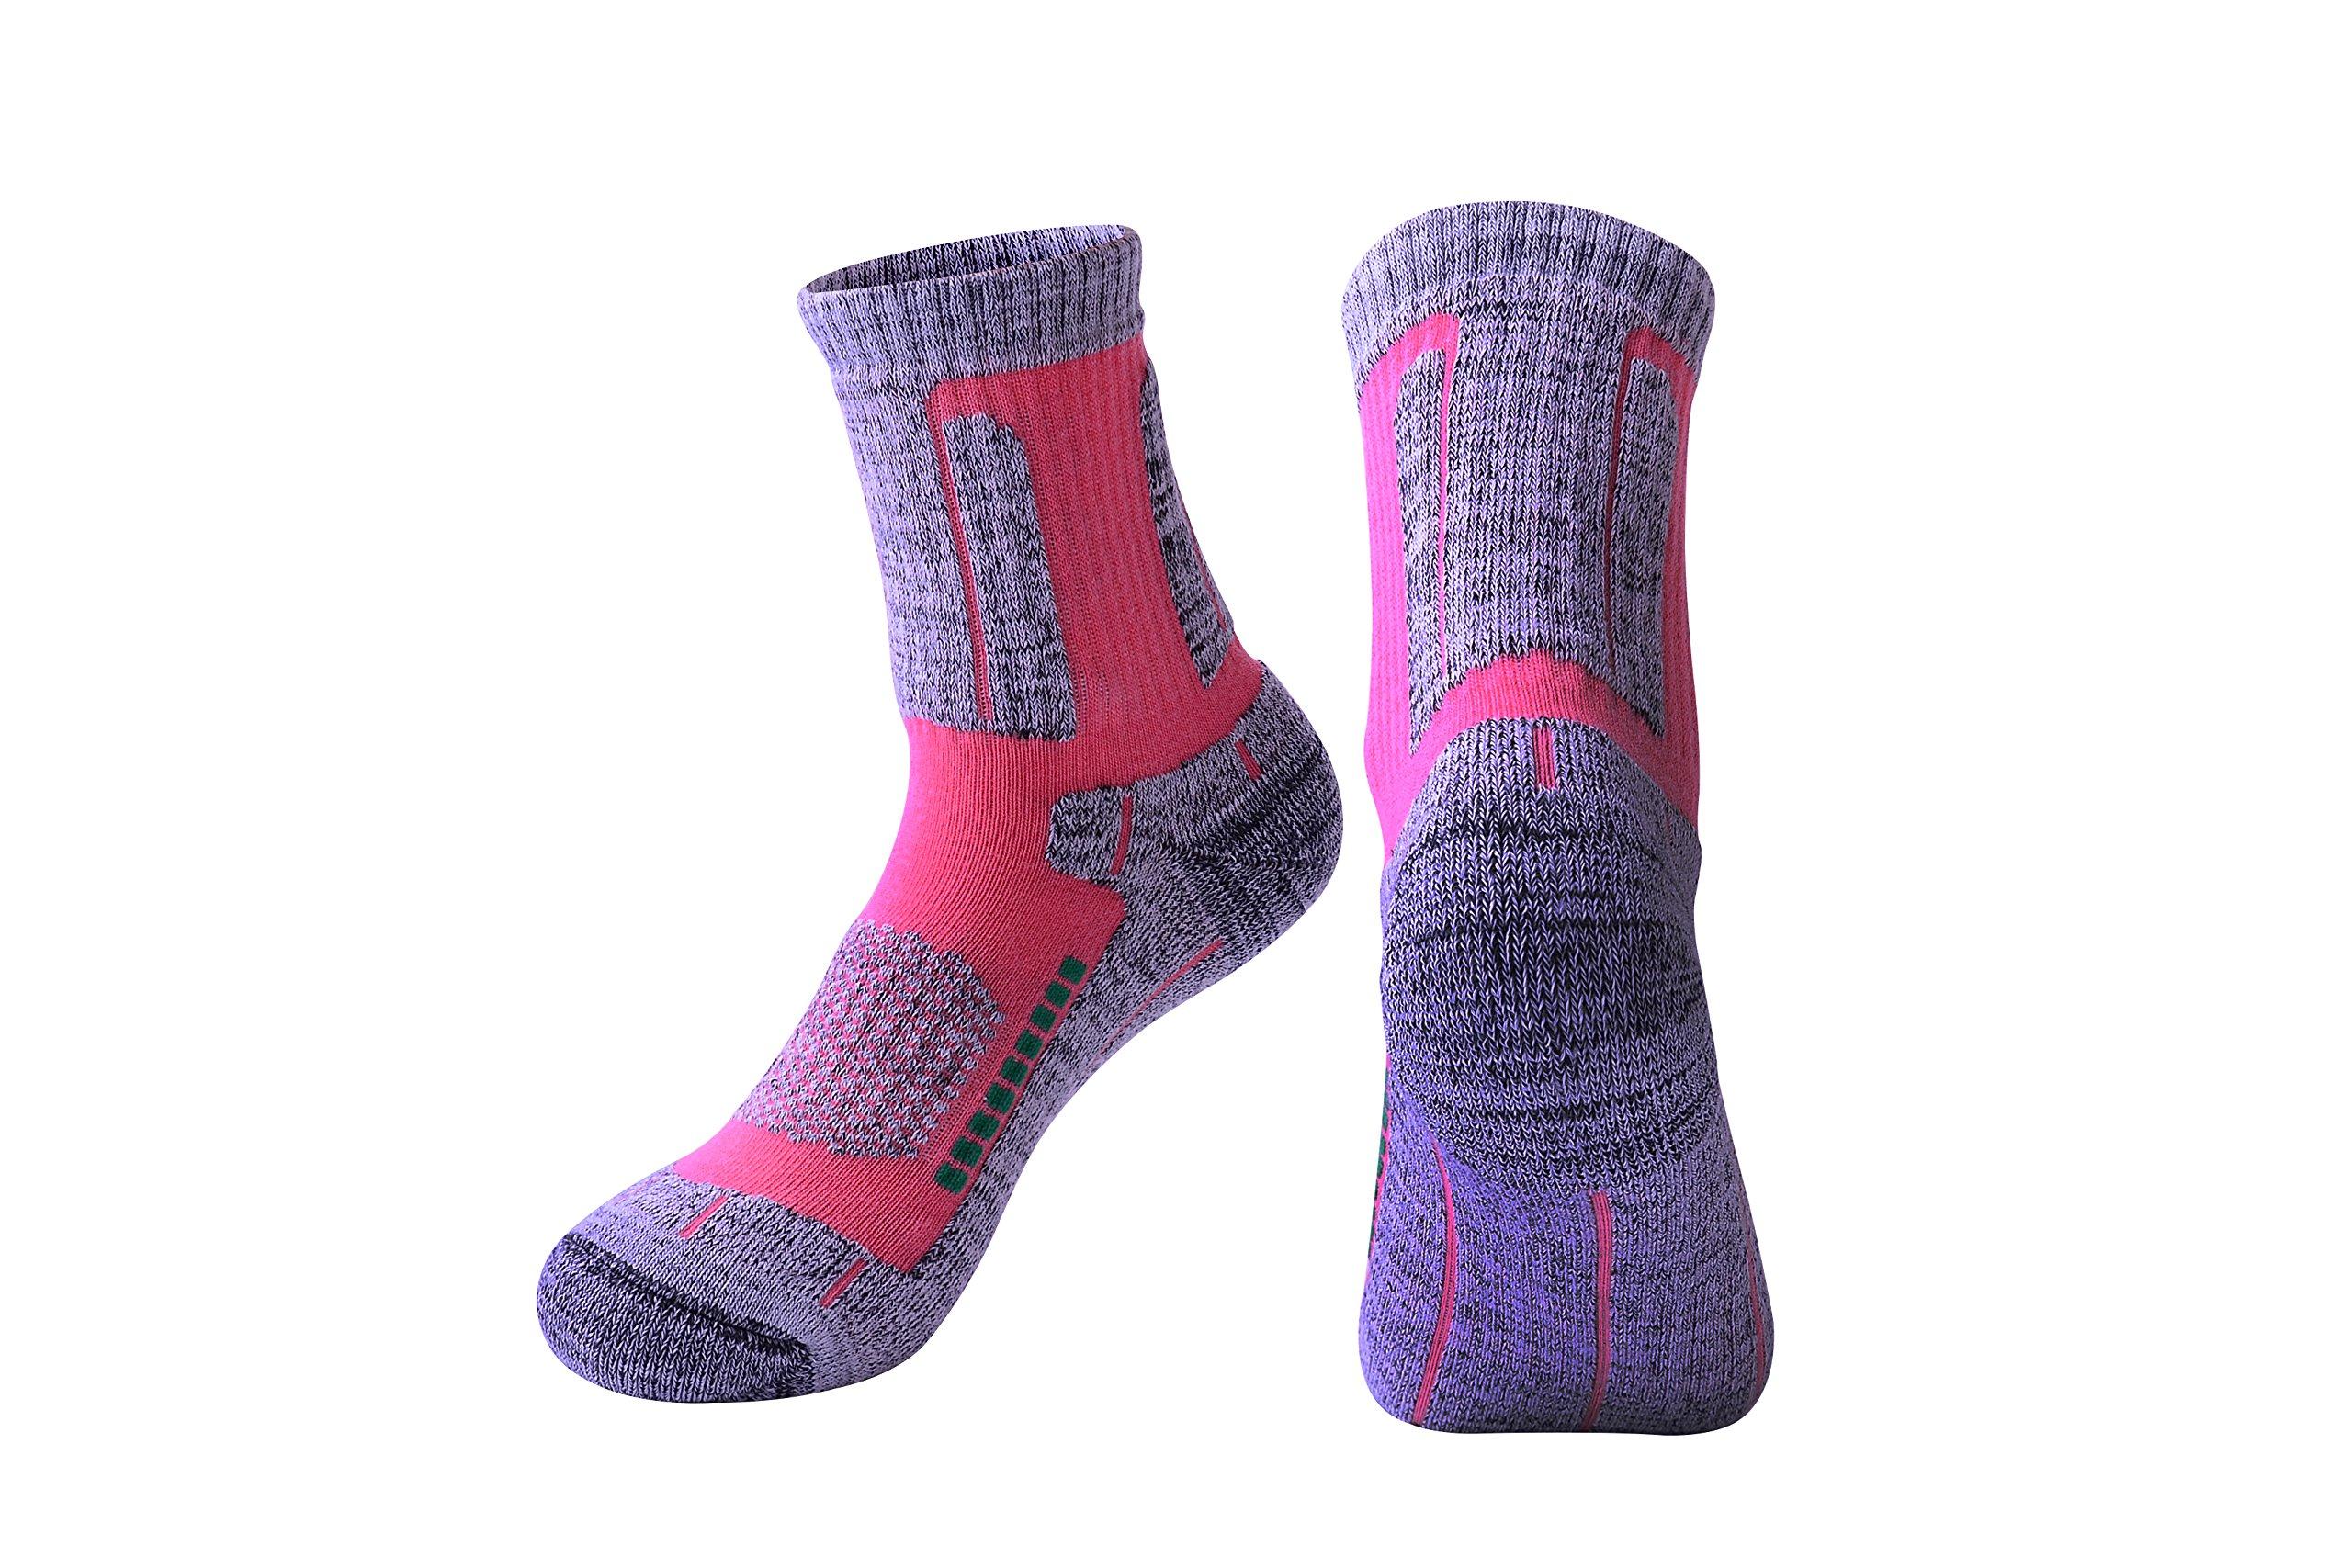 C-ガーディアン屋外スキーの靴下男性女性の暖かい靴下スポーツ、スキー、スキー、ハイキング、ジョギングのための暖かい靴下